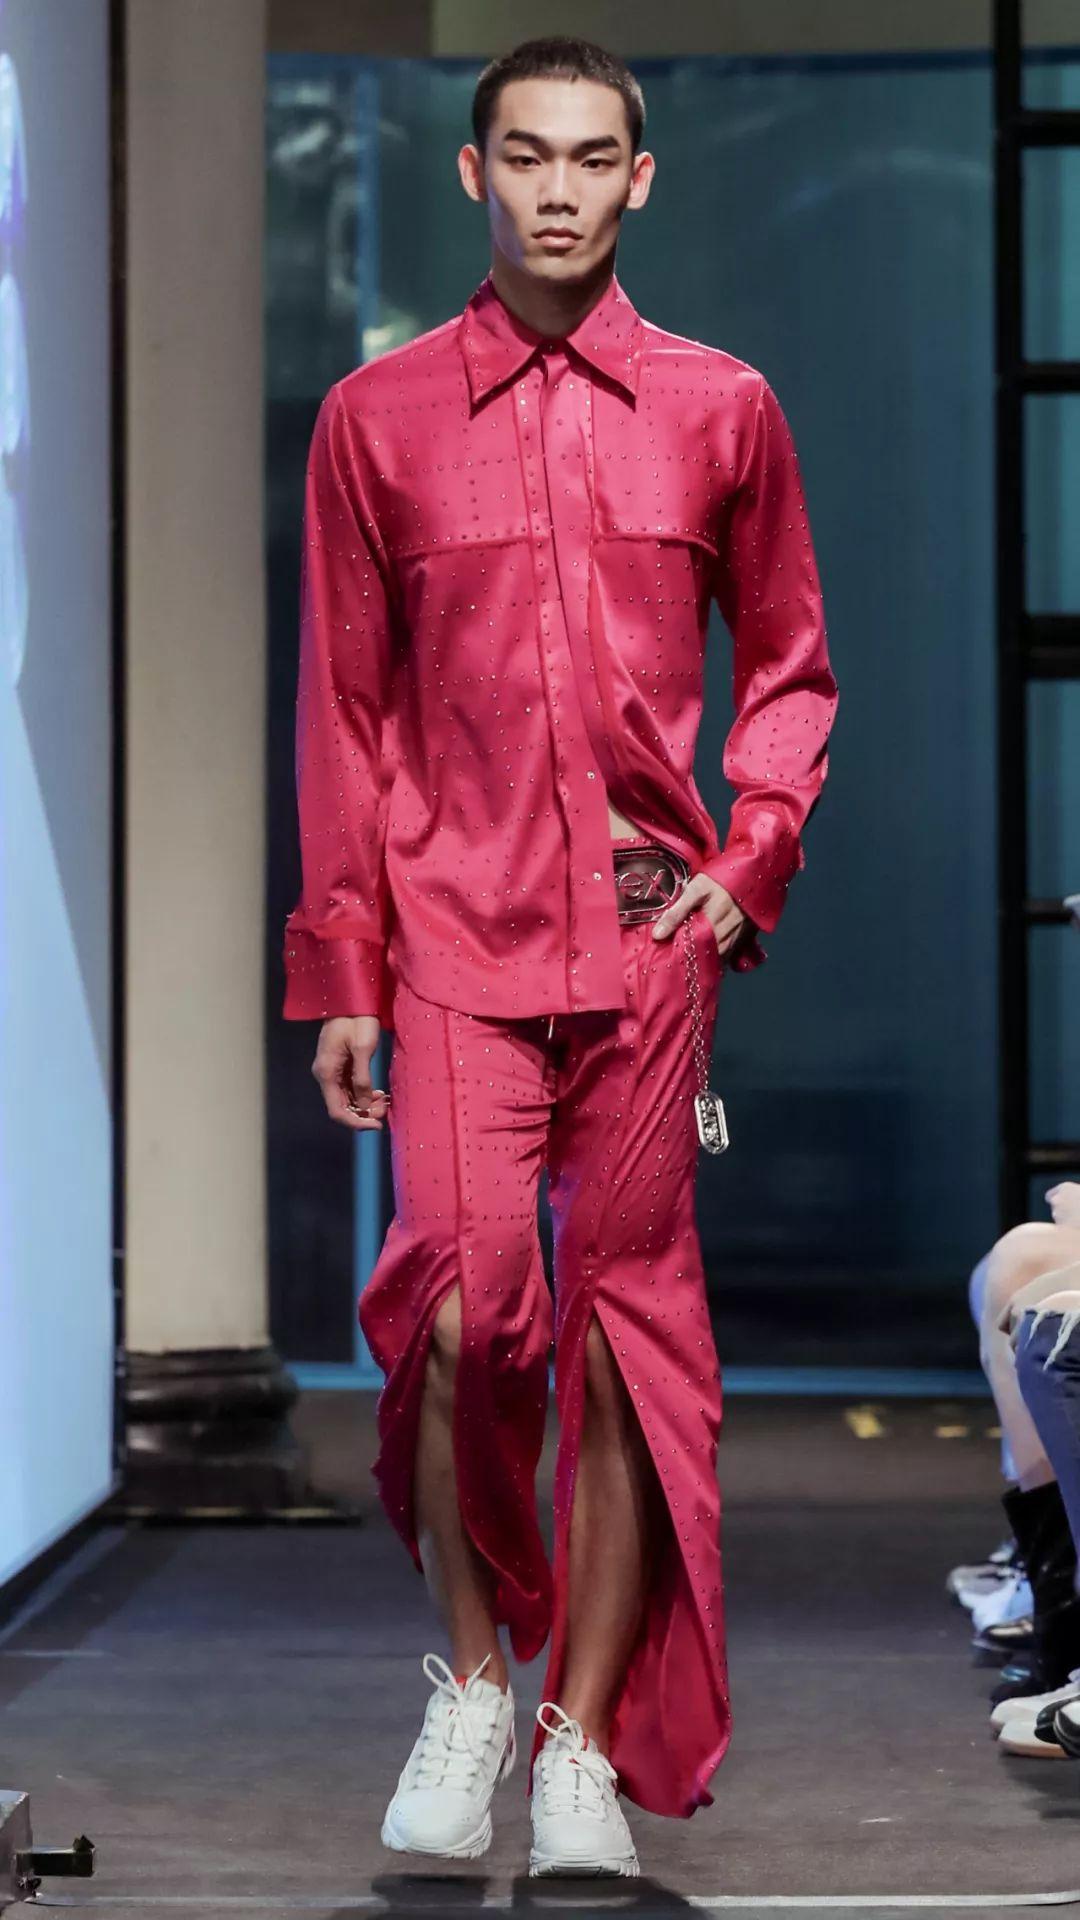 把衣服「套」在身上?杜雷斯竟然「出衣服了」竟然意外...你敢穿嗎?網嗨:太濕潤了!